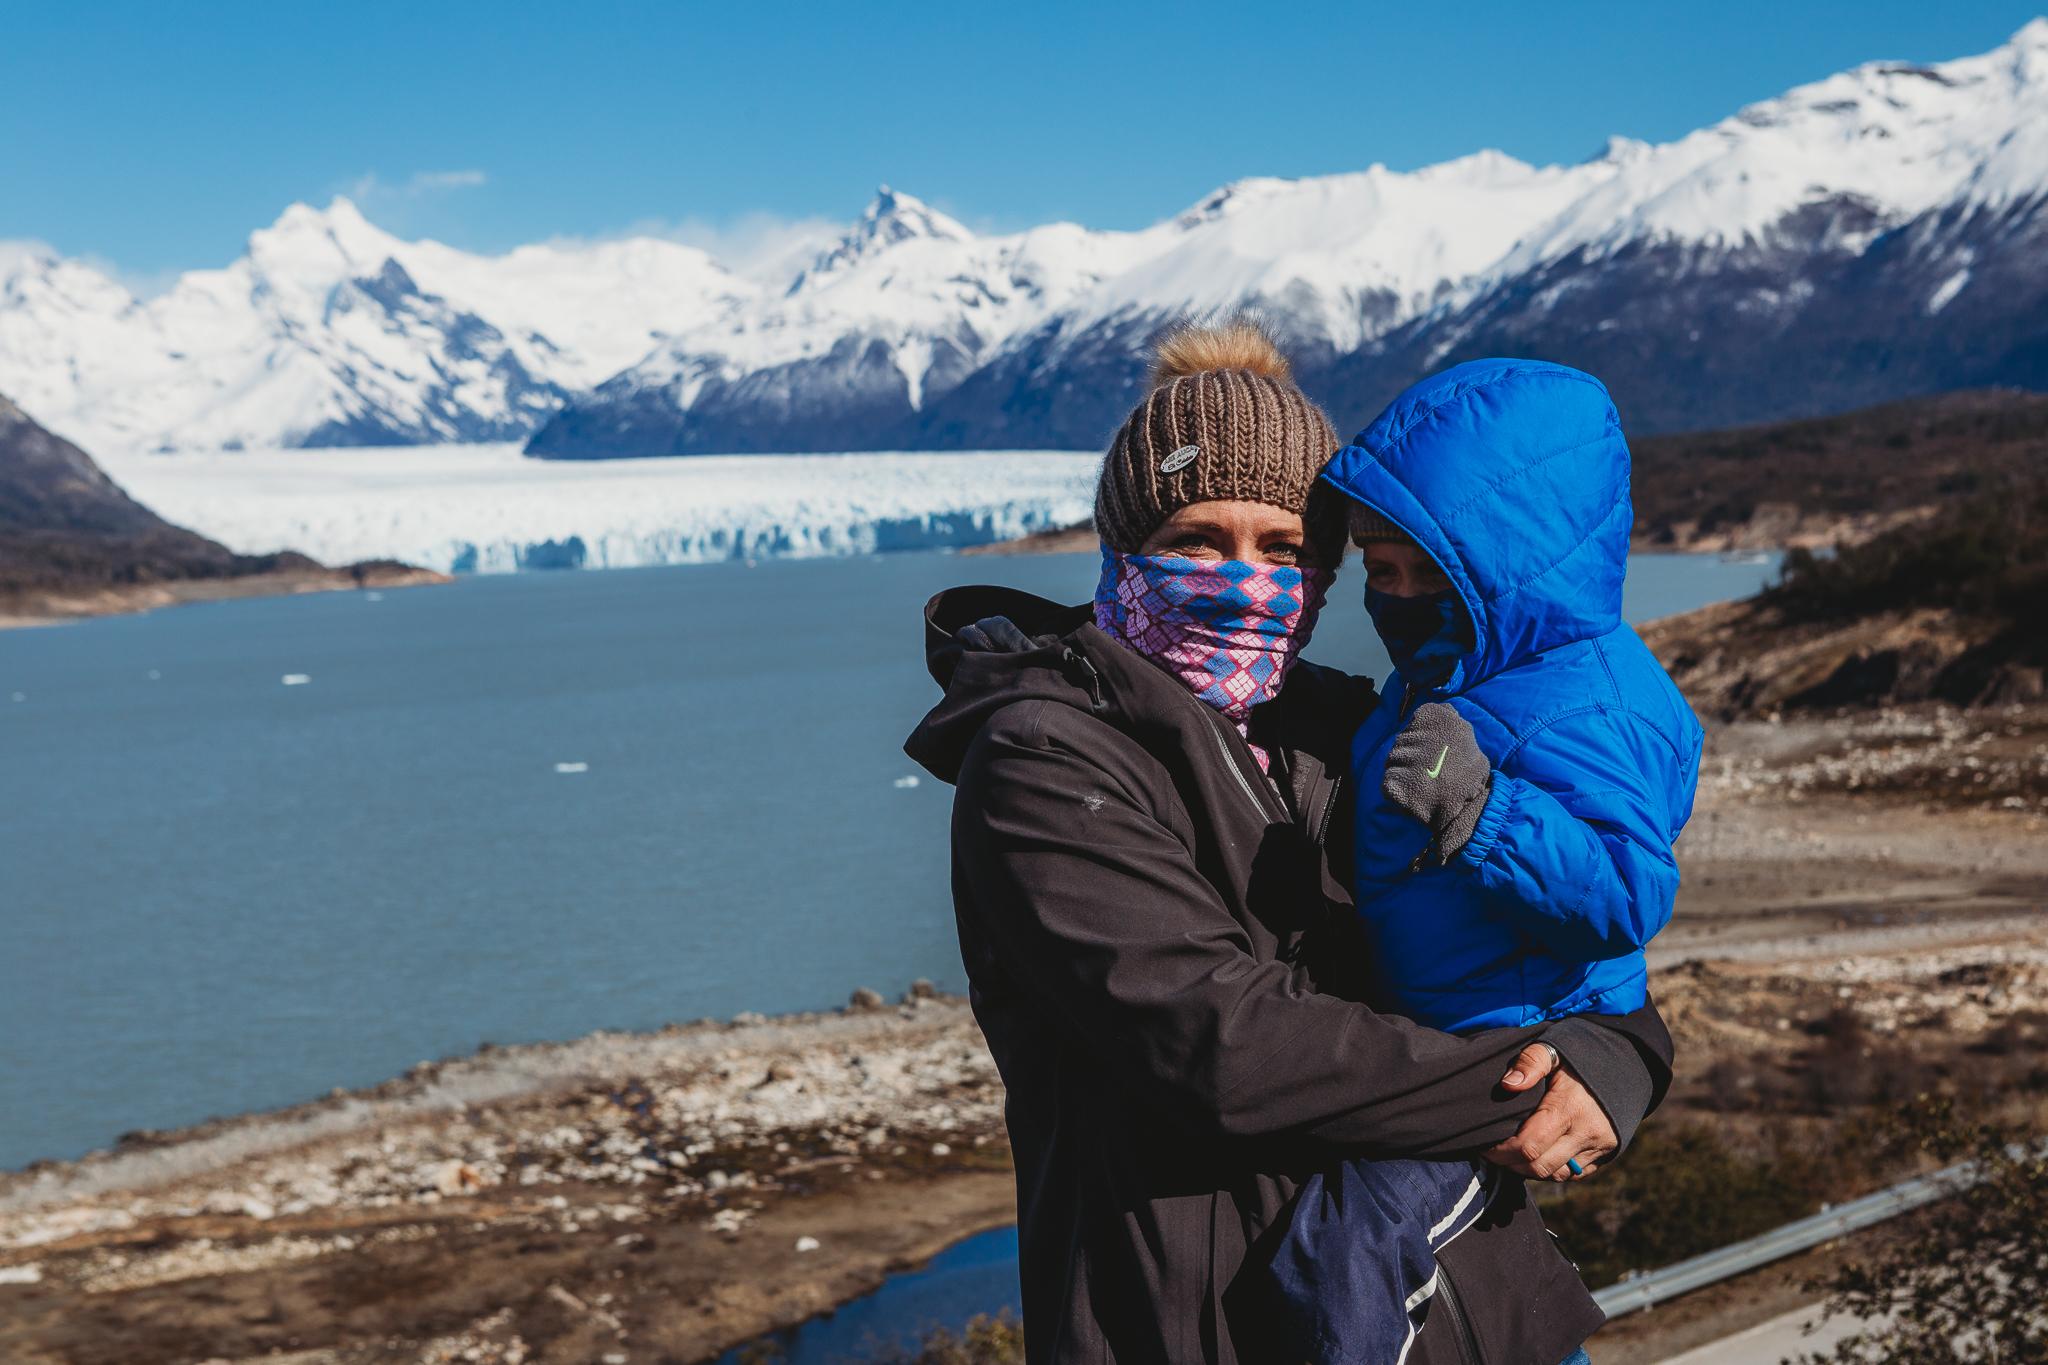 El Calafate, El Chalten, Perito Moreno, Parque Nacional Los Glaciares, Argentina, Buenos Aires-16.jpg